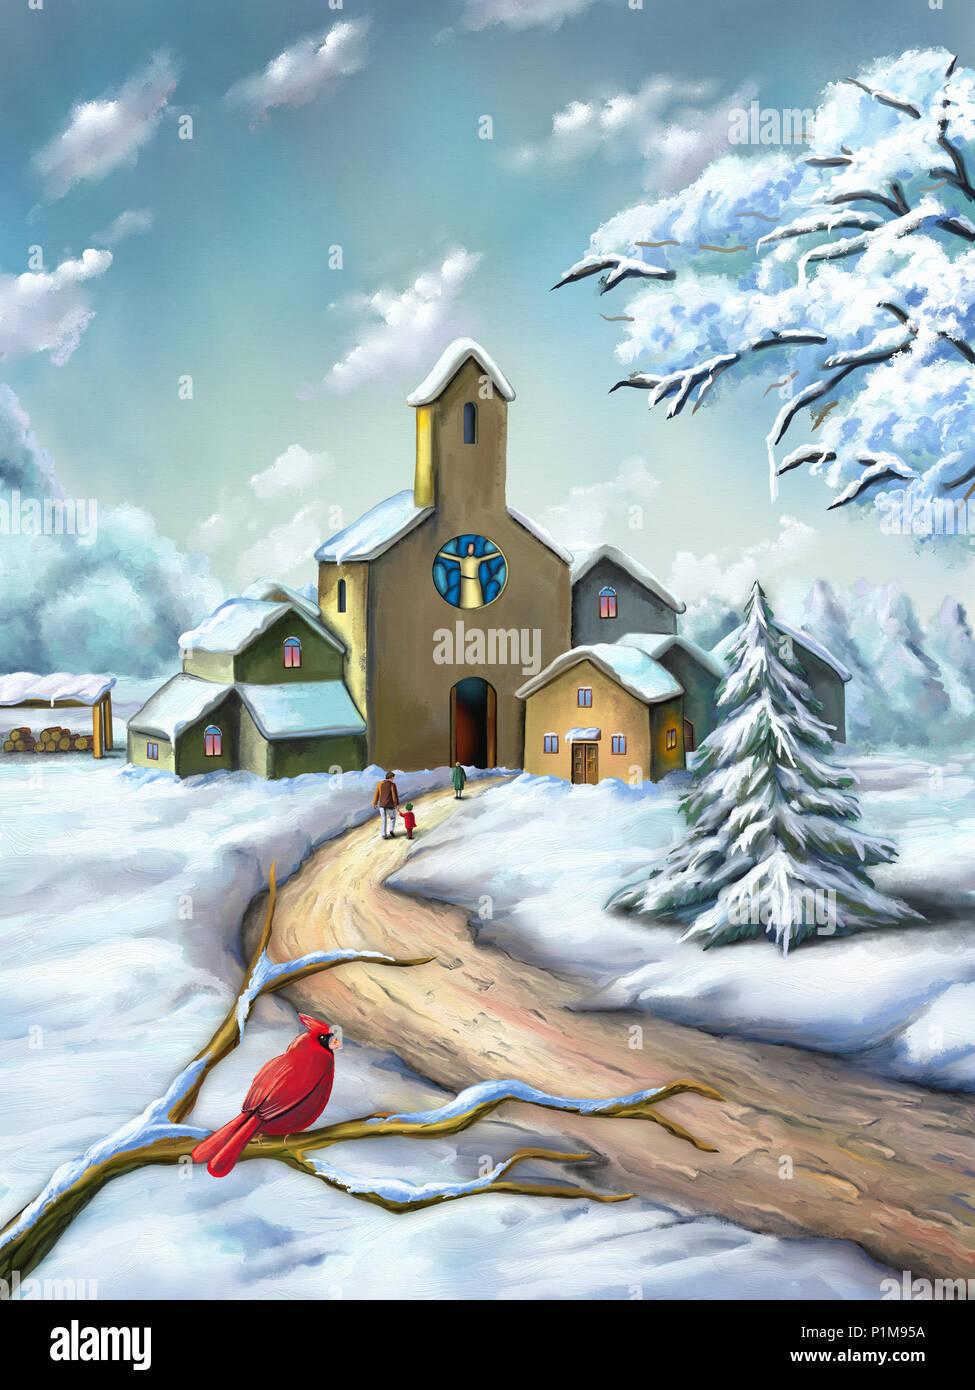 Paesaggi Di Natale.Piccolo Borgo In Un Innevato Paesaggio Di Natale